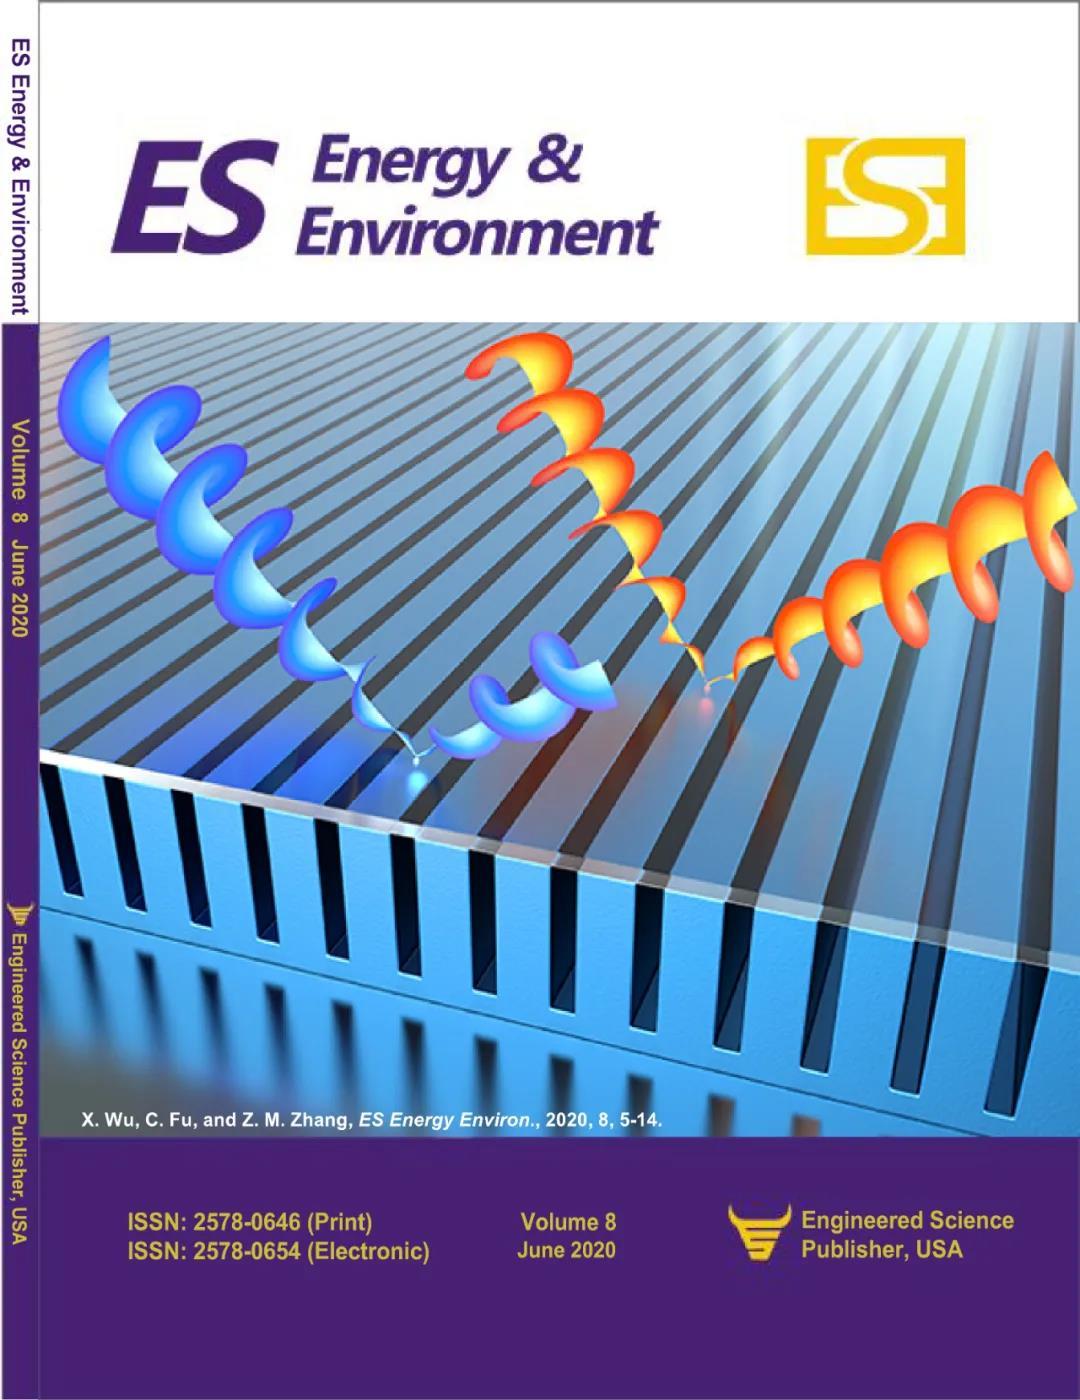 泰利能源-南科大联合实验室硅藻产业论文登美国期刊《ESEE》